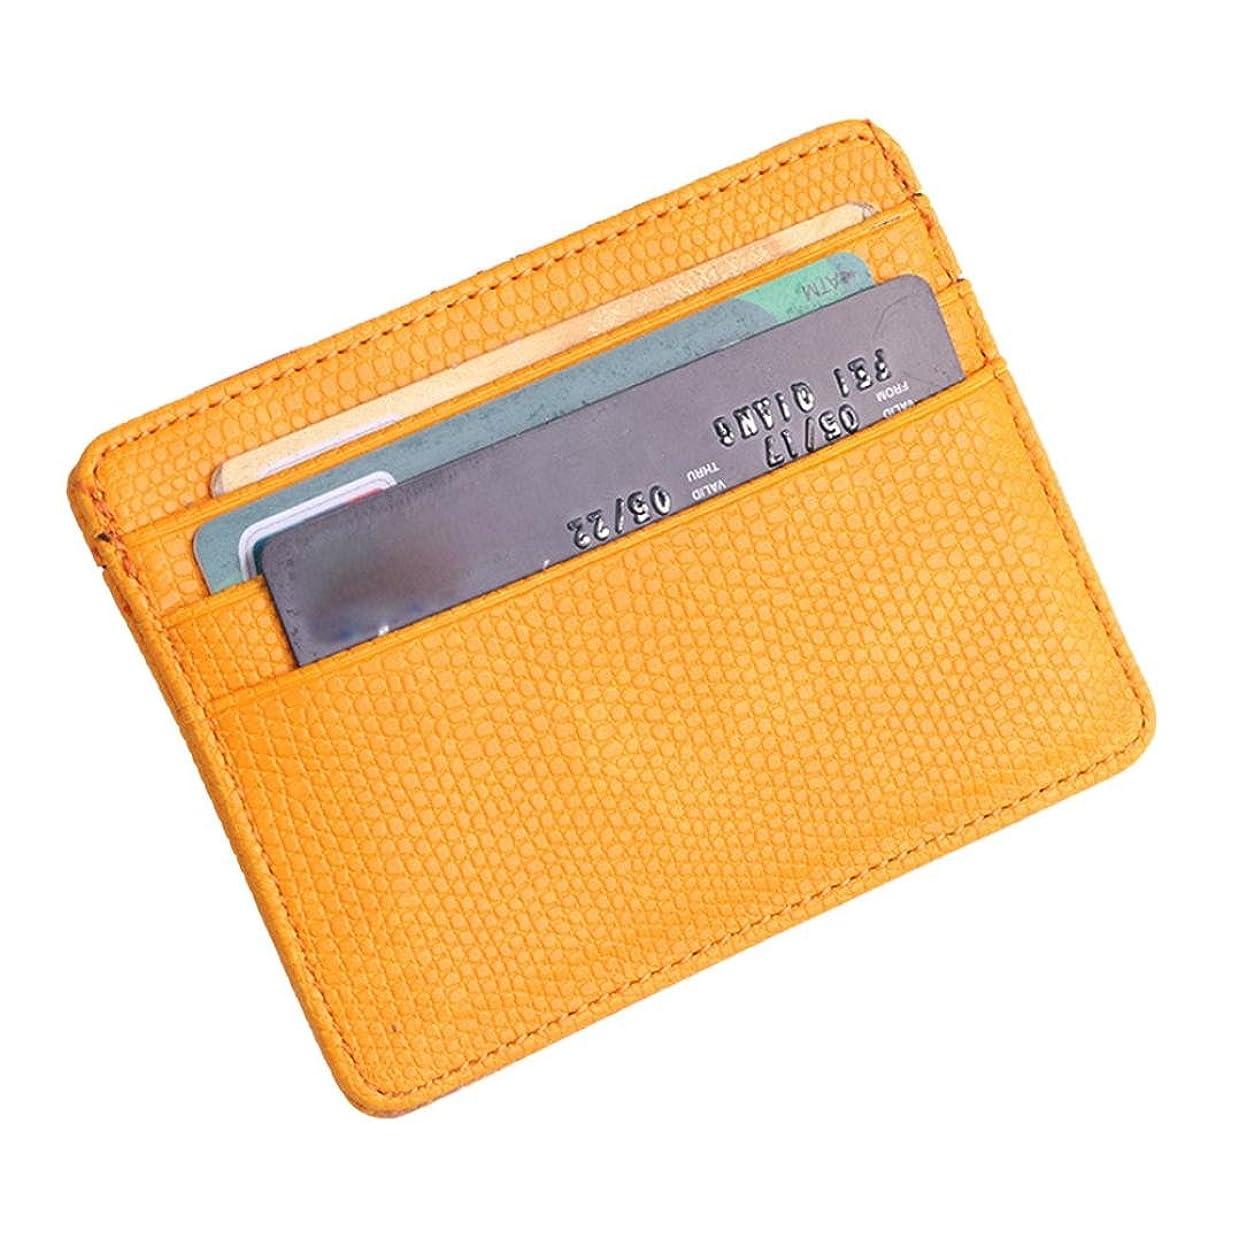 陪審導出スタイルGotdクレジットカードホルダーケースのレディースメンズコンパクト財布スリム超薄型カードスロットon saleクリアランス旅行Kids Coin ブラック